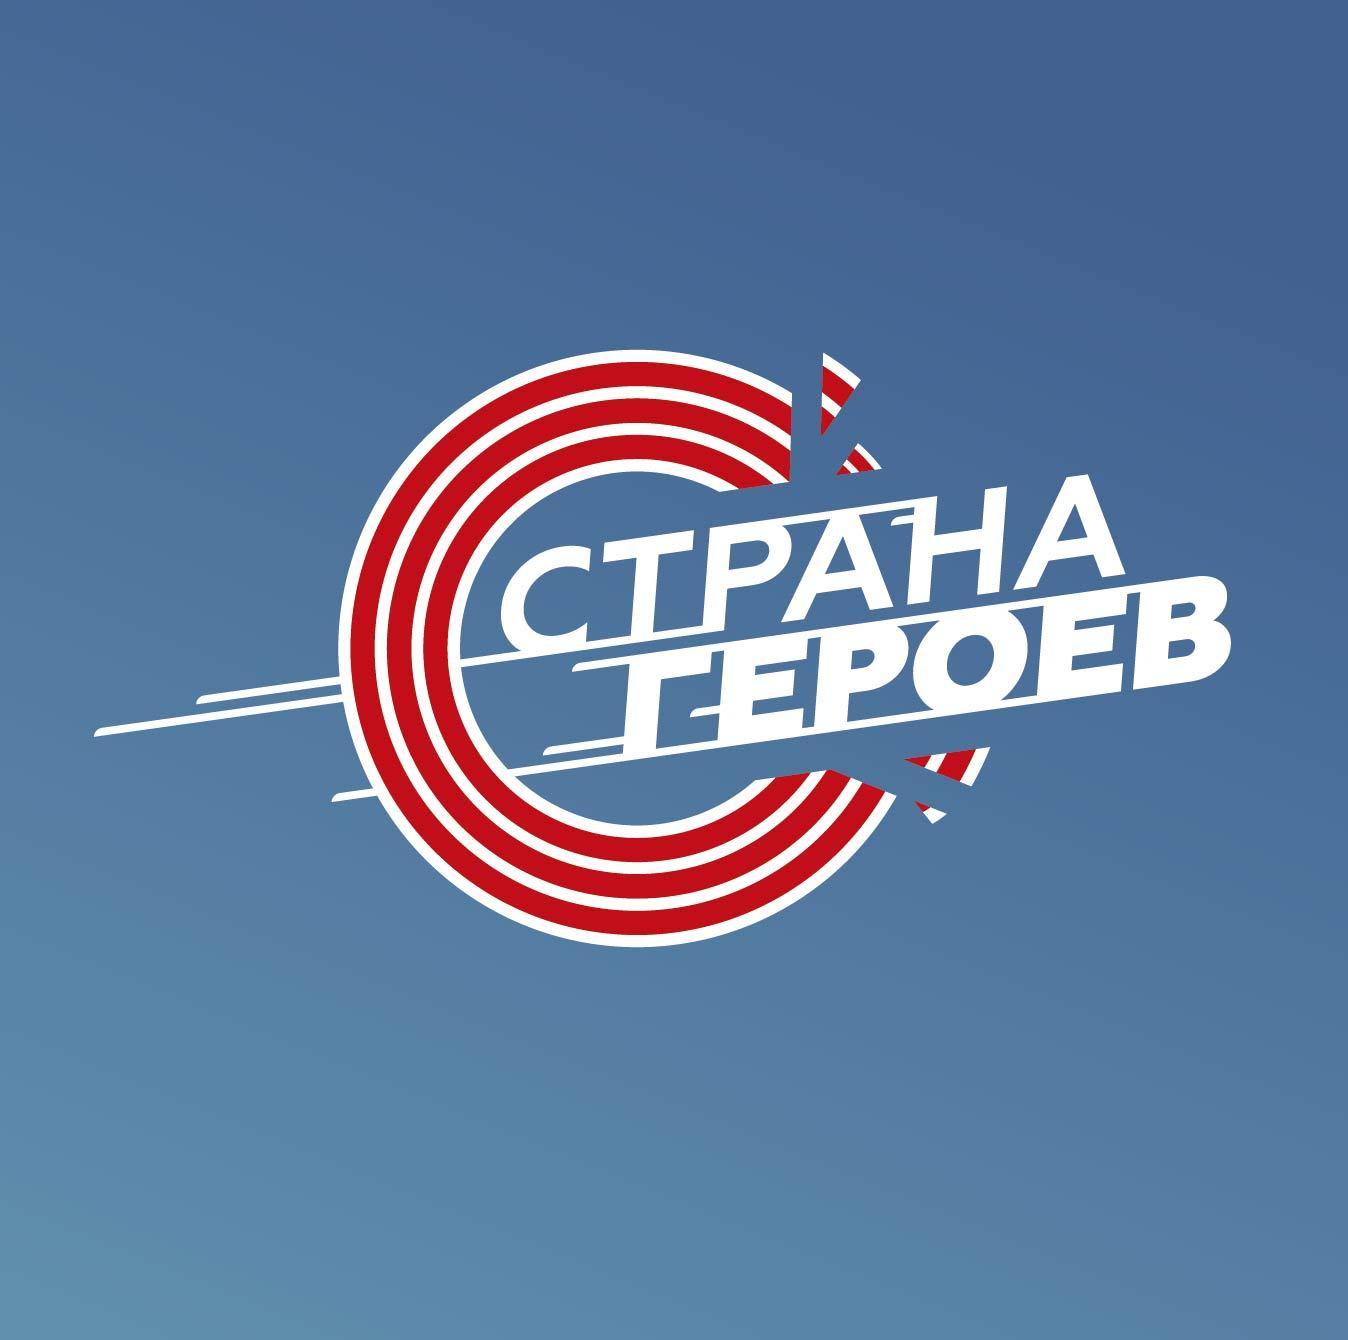 https://static.tildacdn.com/tild3034-3035-4230-a332-303138396565/STRANA_GEROEV_logo-0.jpg